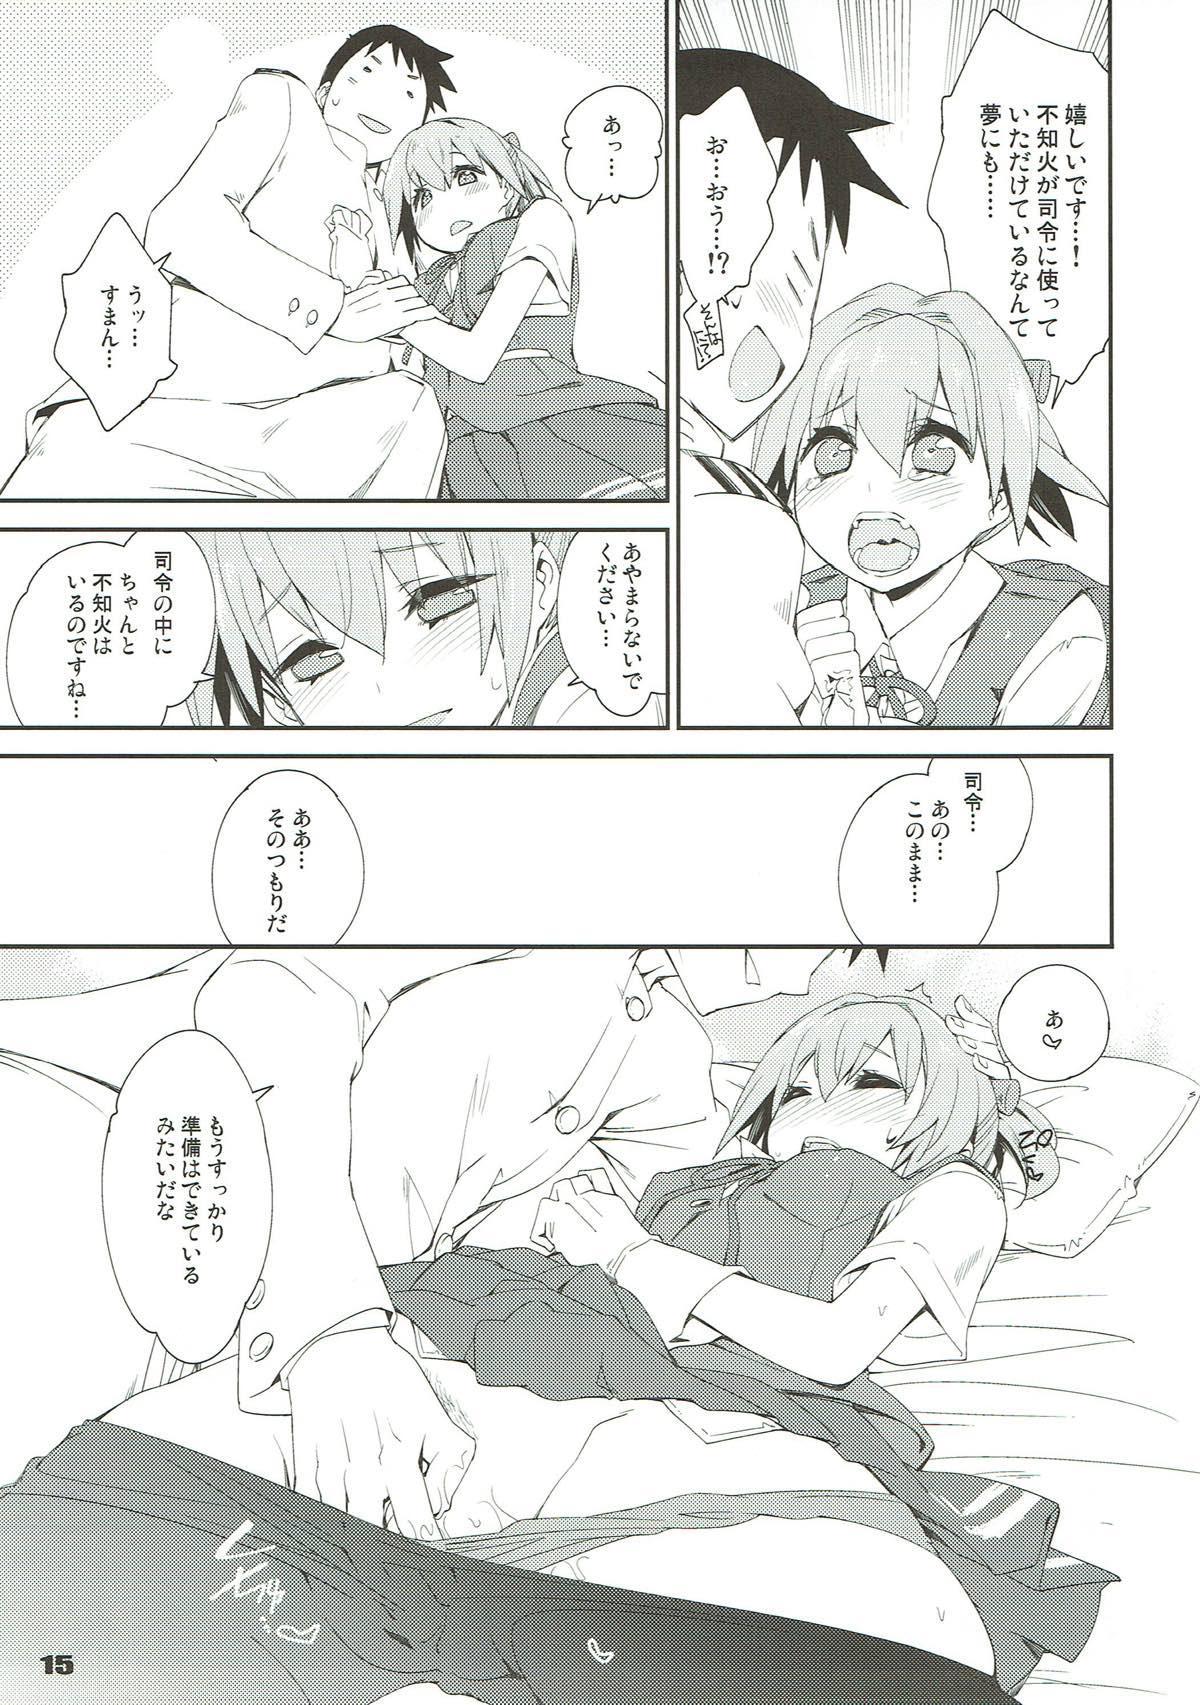 Shiranui wa Teitoku de... 11